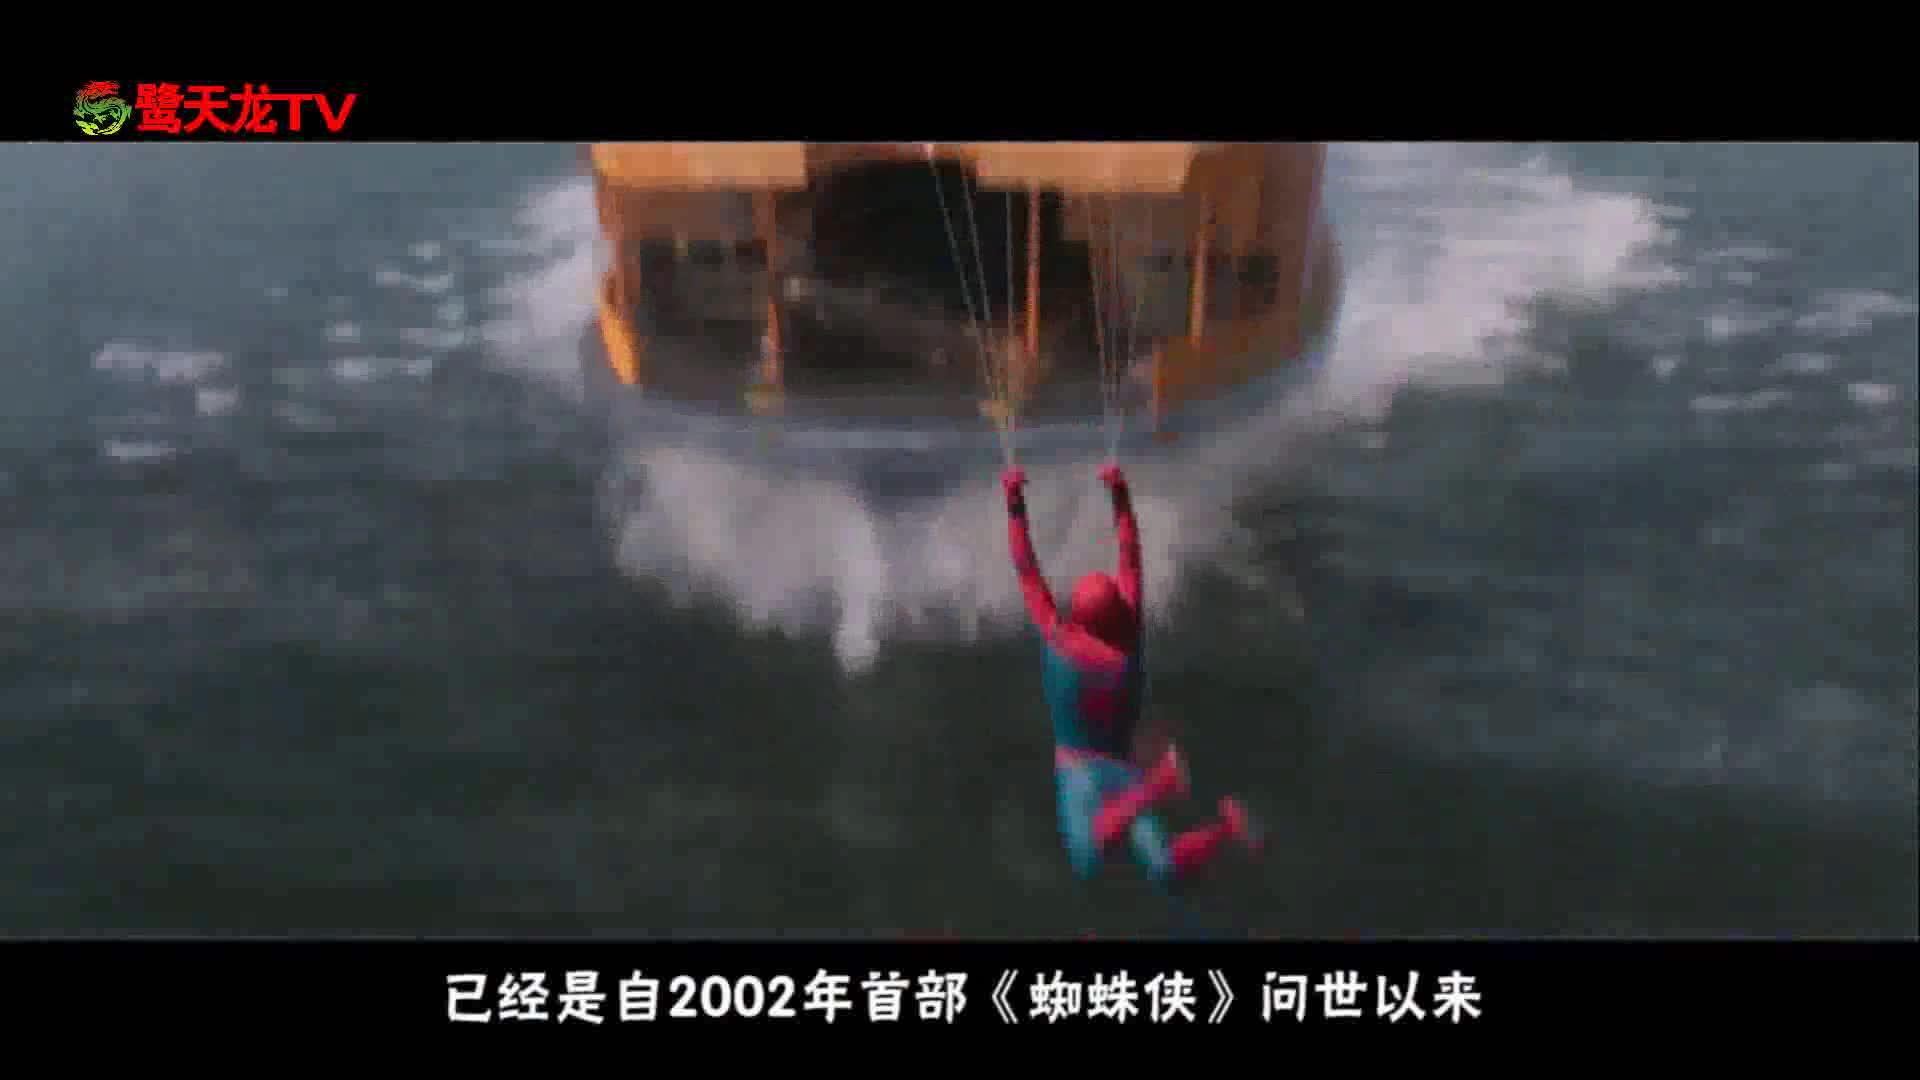 谁才是最棒的蜘蛛侠?荷兰弟圈粉实力一流